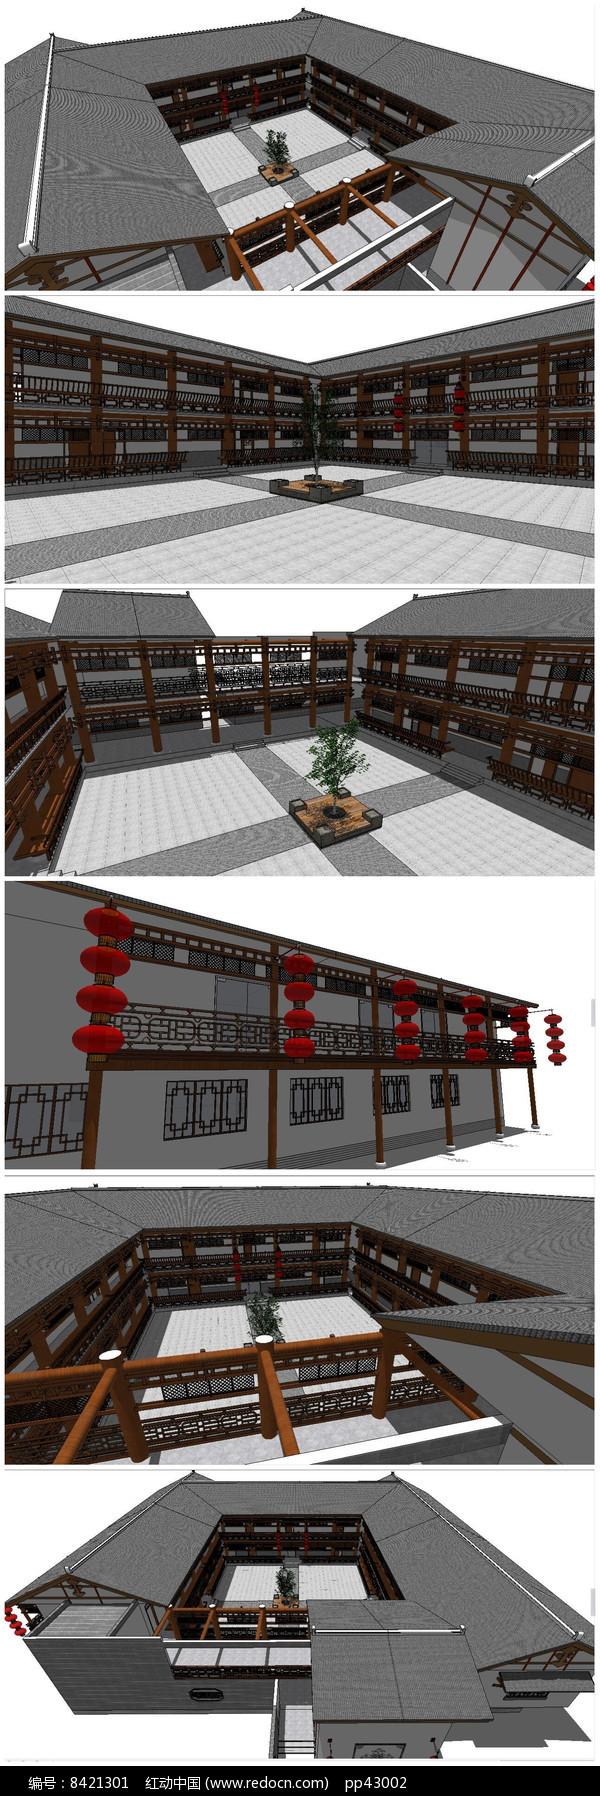 中式古典建筑客栈SU模型图片